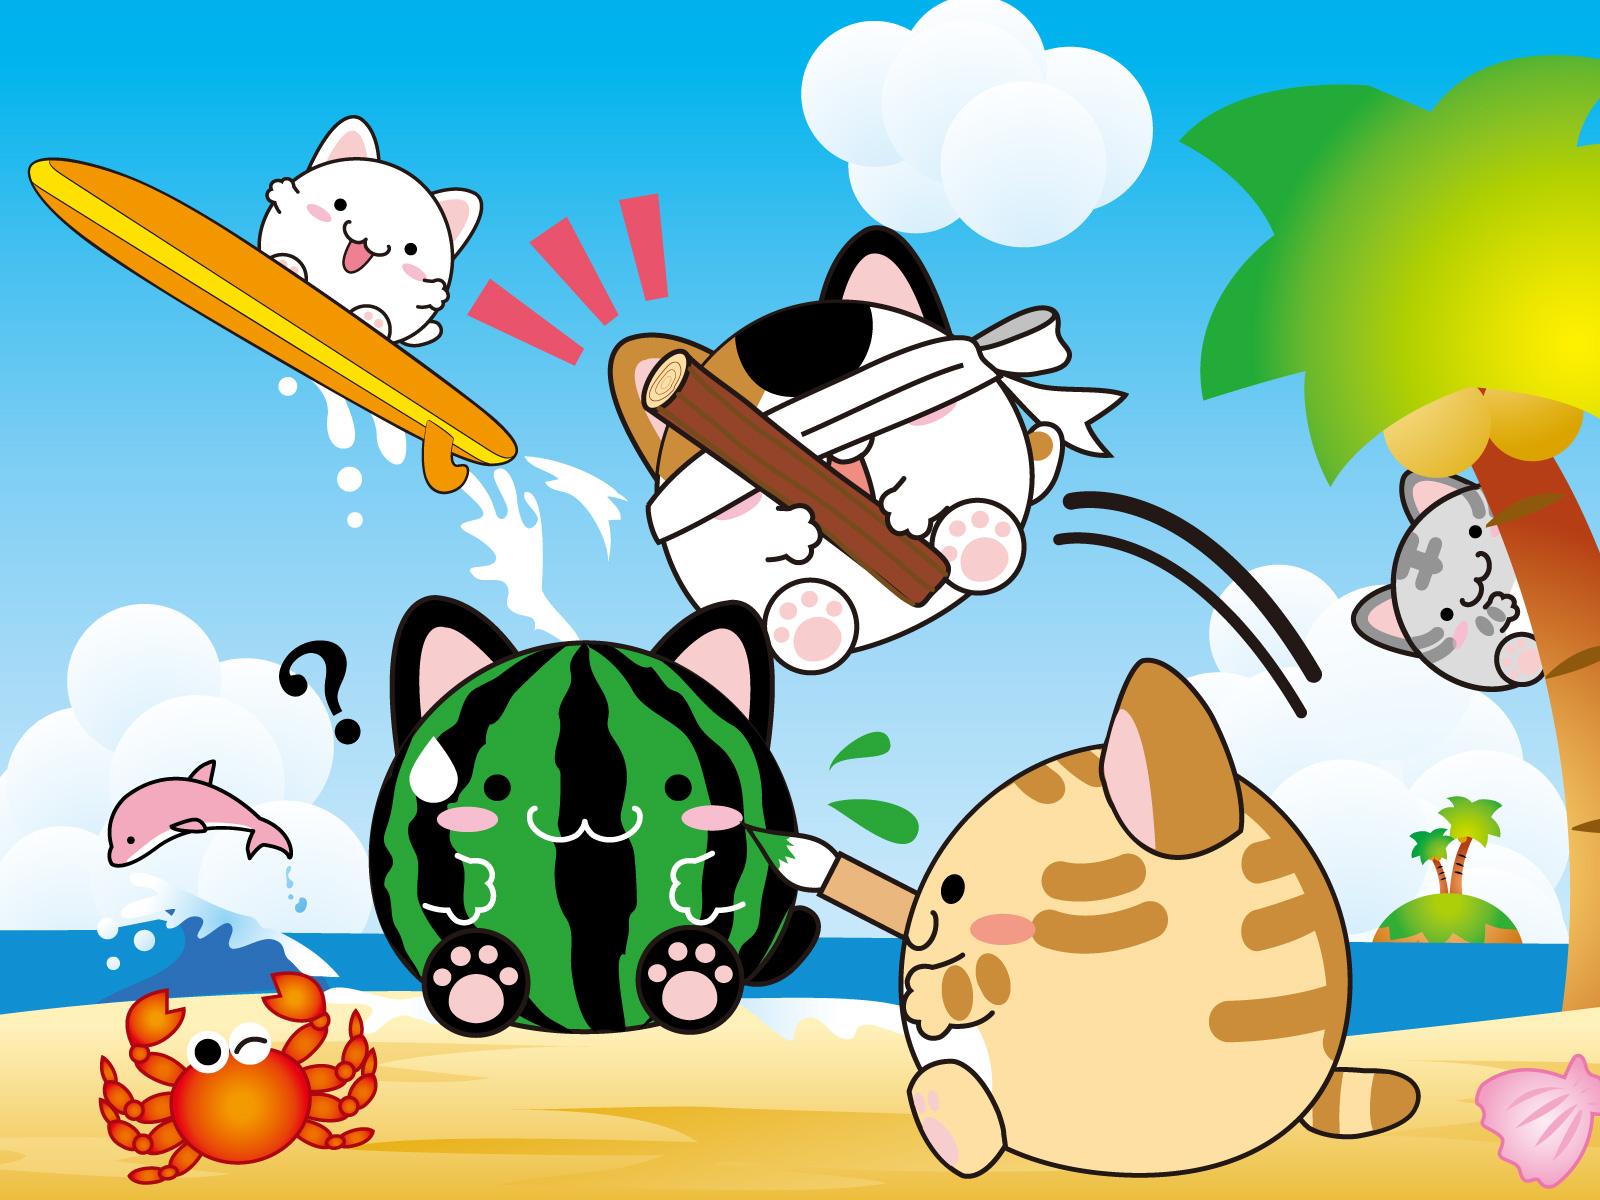 wallpaper Fun Summer Backgrounds hd wallpaper background desktop 1600x1200